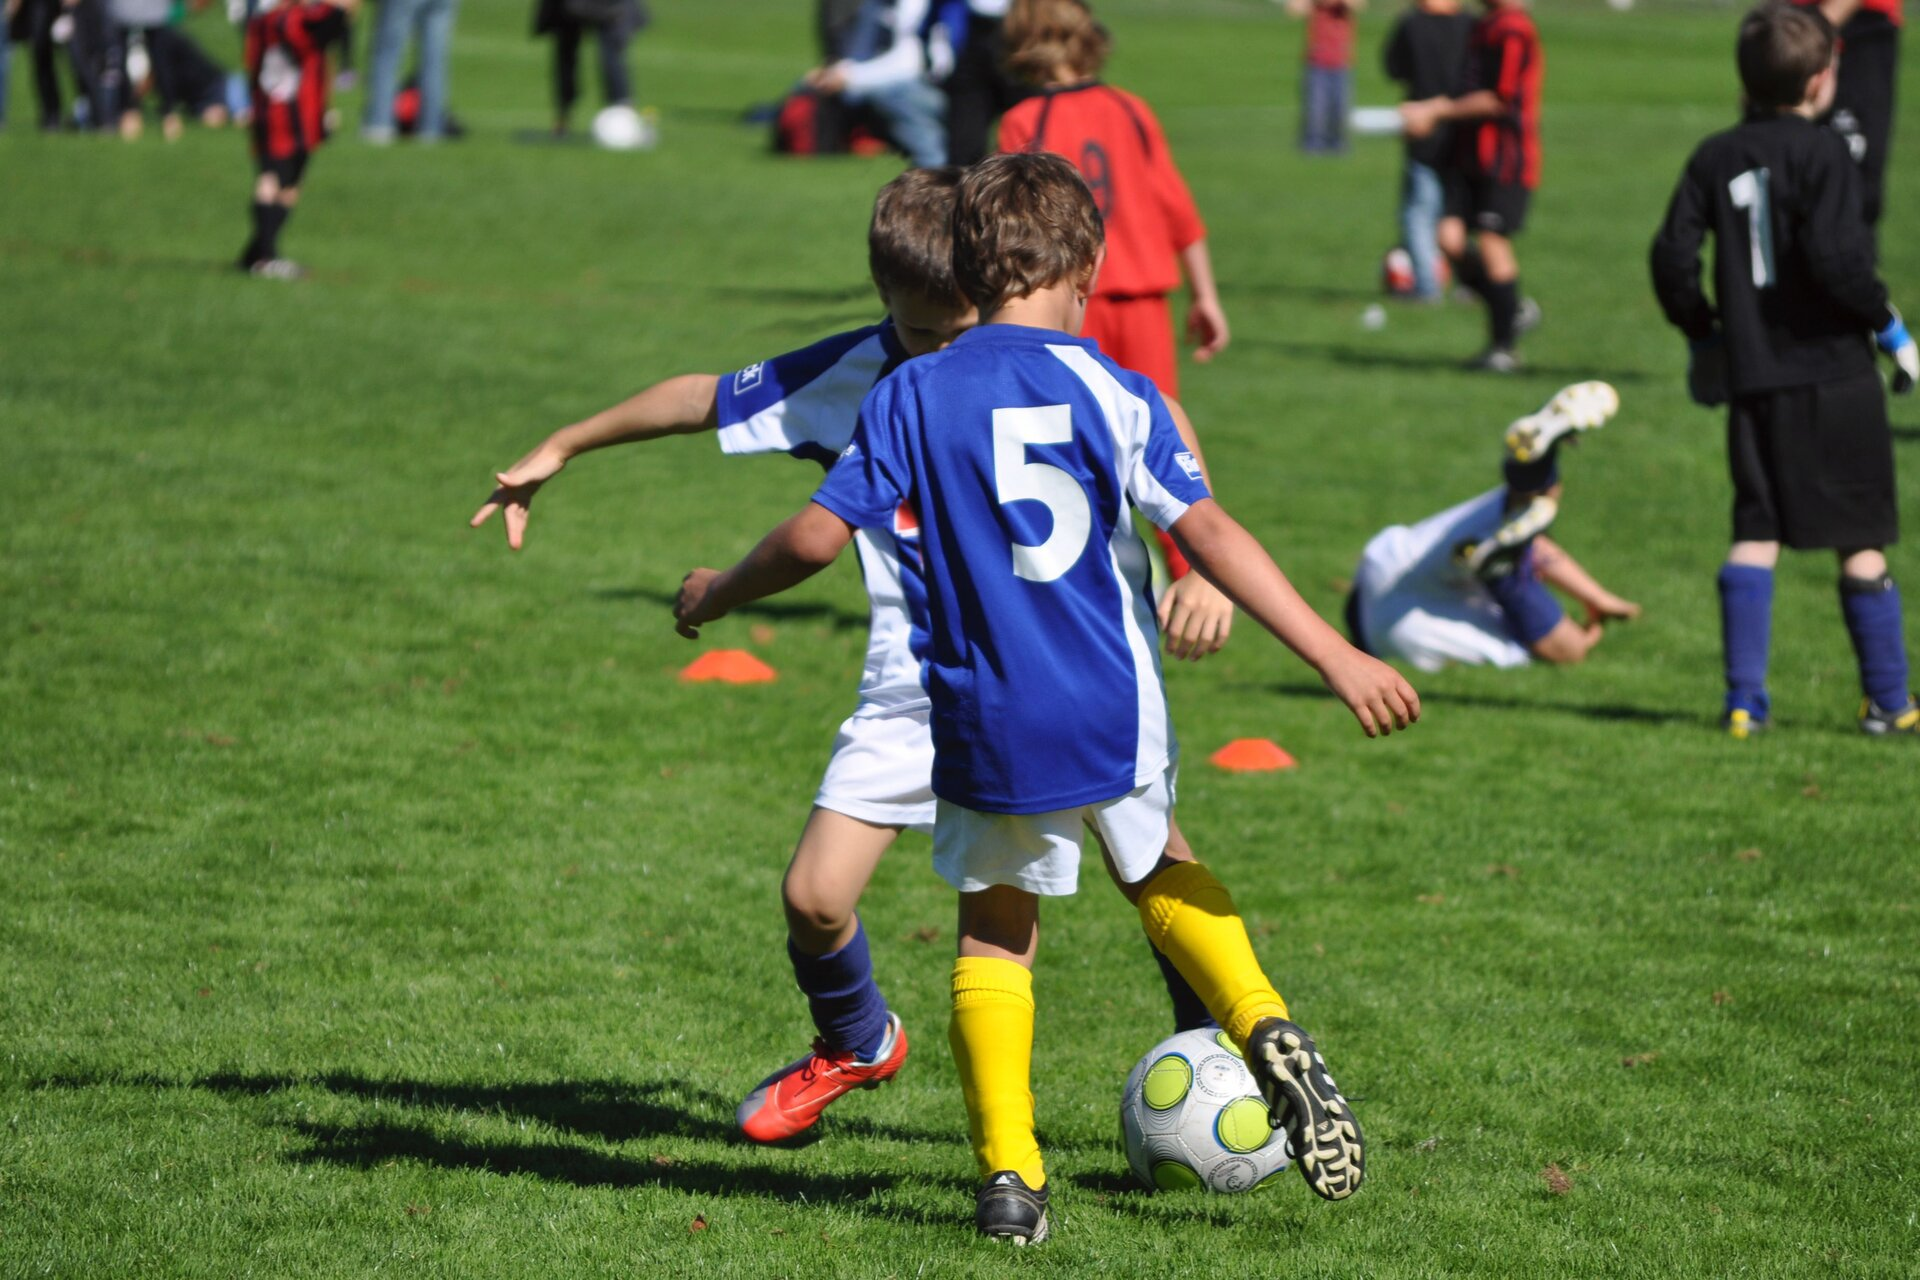 Fotografia przedstawia chłopców grających na boisku wpiłkę nożną. Na pierwszym planie dwaj chłopcy wstrojach sportowych jednej drużyny, wprofesjonalnym obuwiu do gry wpiłkę nożną, podają sobie piłkę, kopiąc ją po murawie. Na dalszym planie kilkunastu chłopców wstrojach sportowych różnych drużyn ćwiczy.